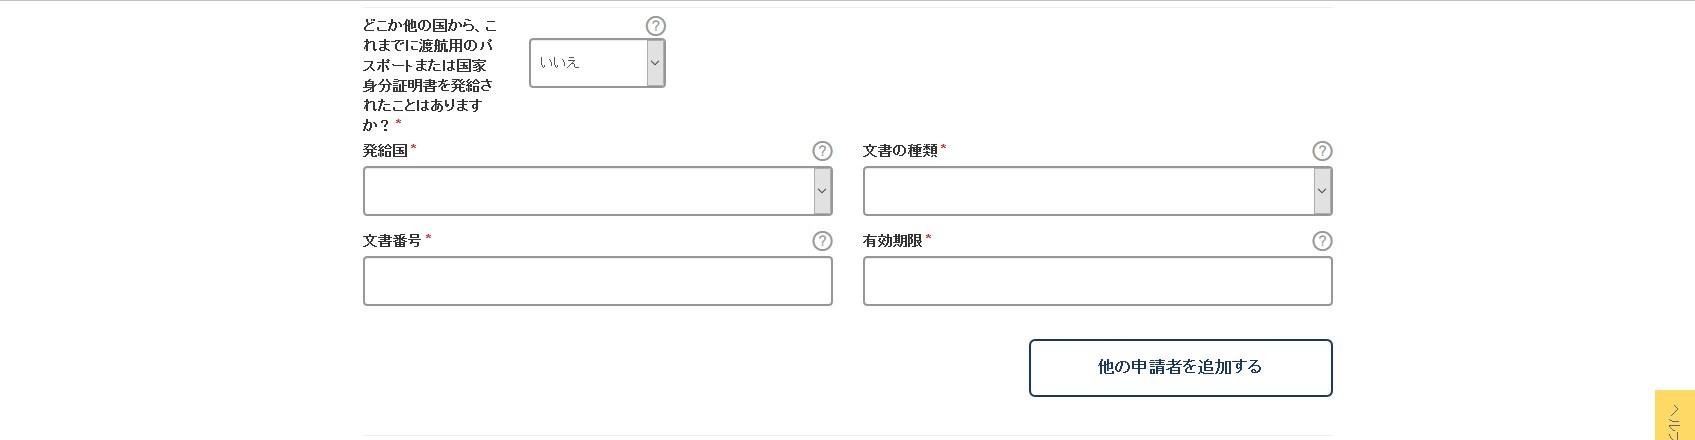 申請者の情報入力例03